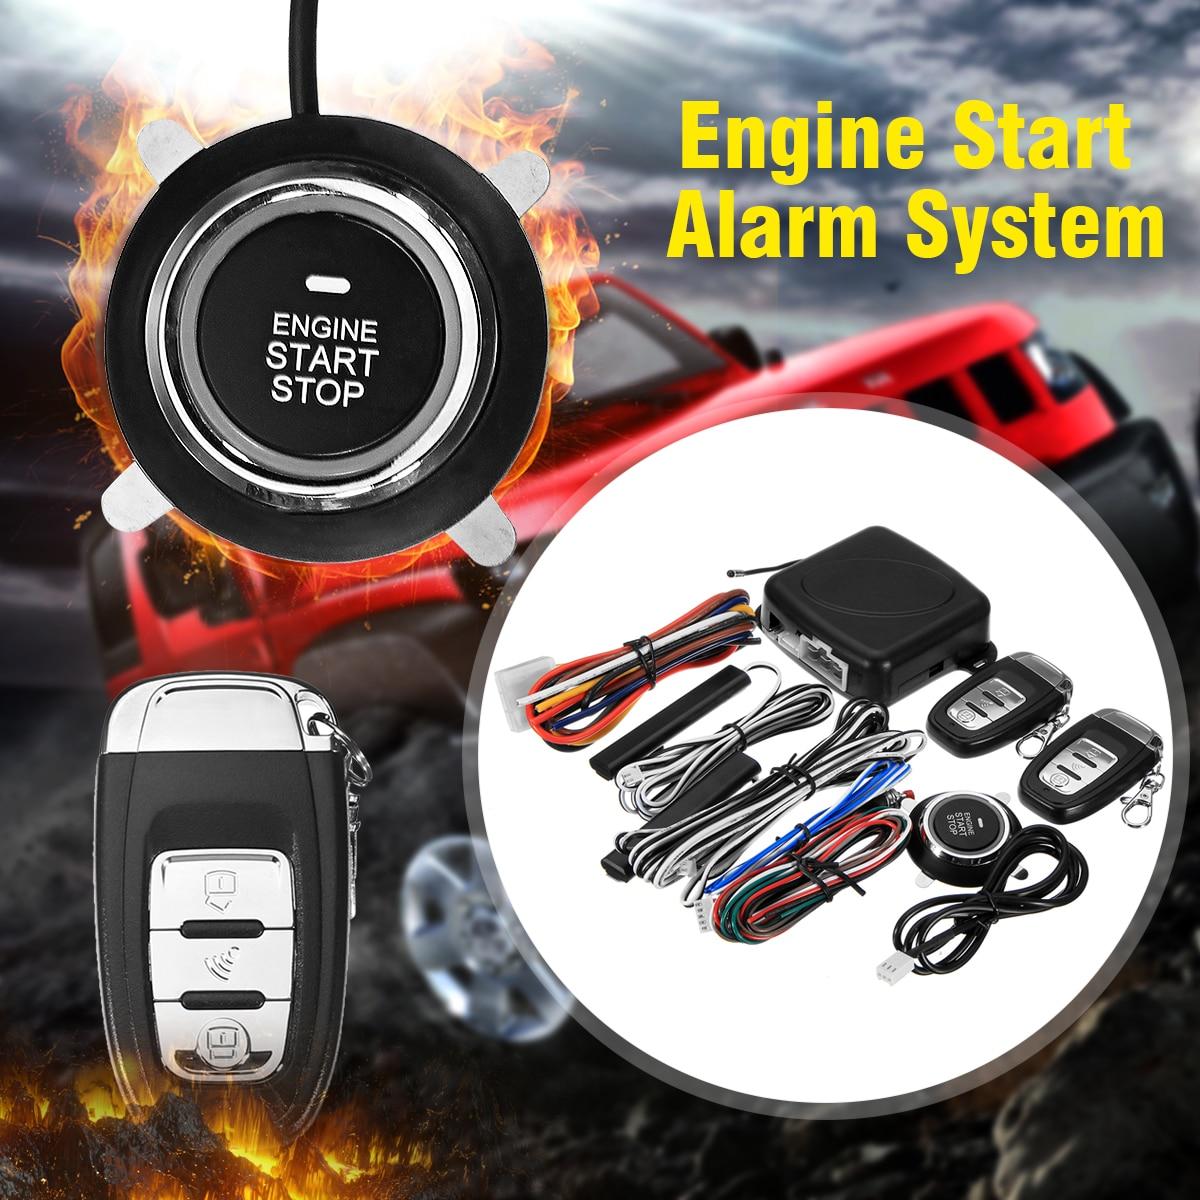 9Pc bricolage voiture SUV sans clé entrée moteur démarrage système d'alarme sans clé bouton poussoir démarreur à distance arrêt Automobiles Auto voiture accessoires